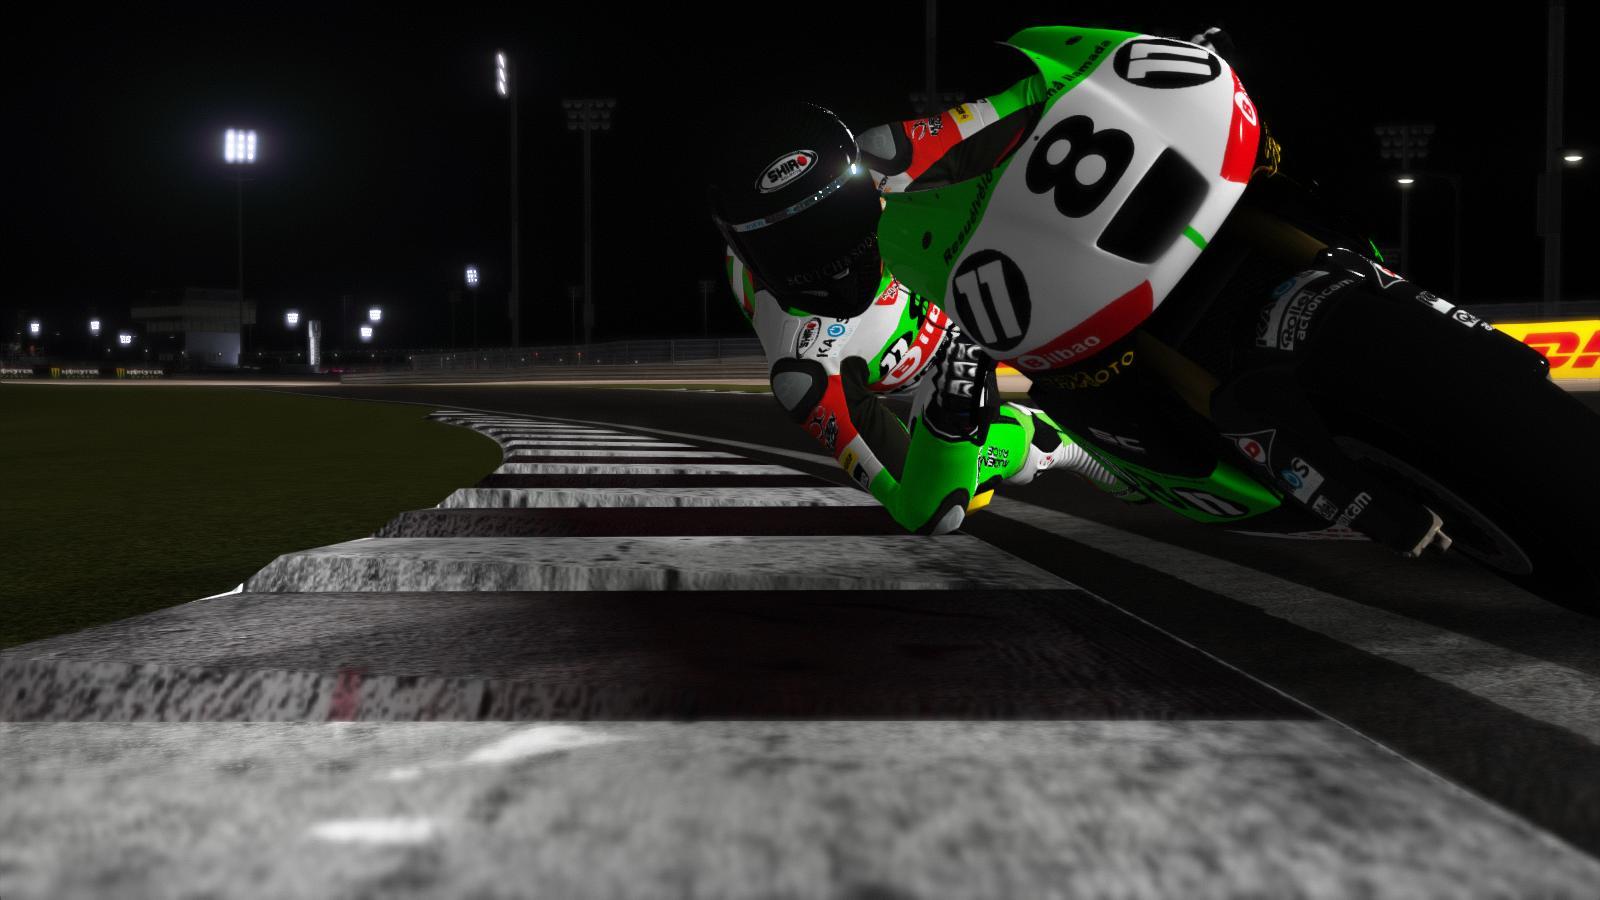 MotoGP15X64 2016-03-22 03-36-37-09.jpg